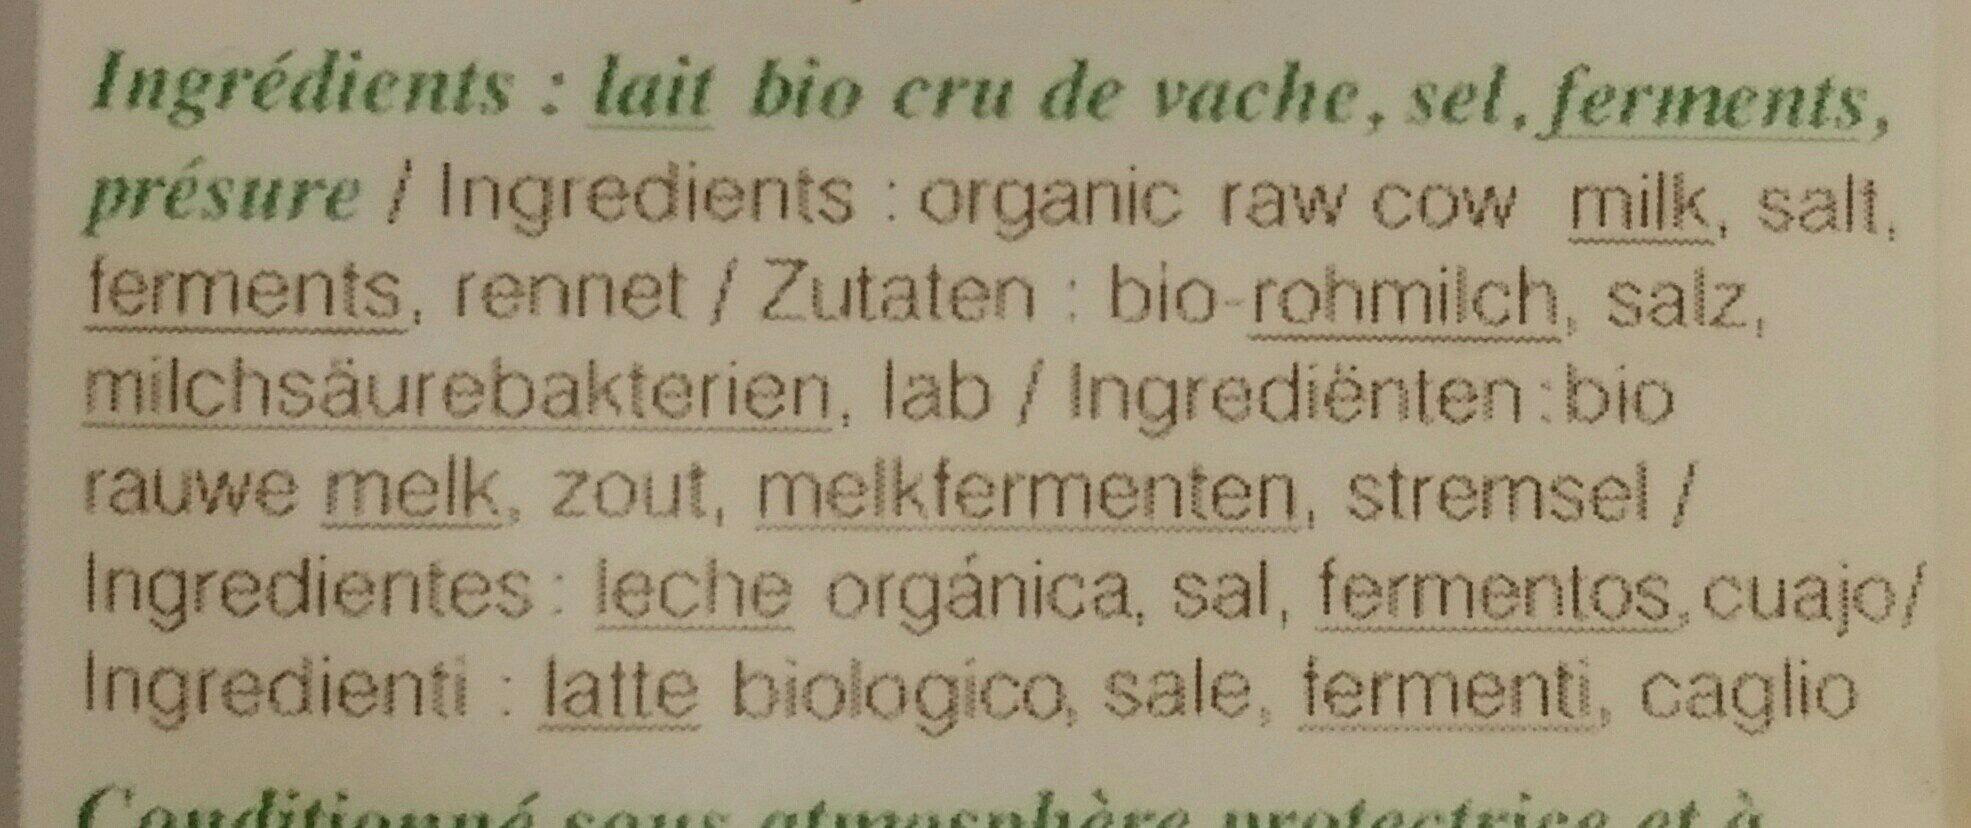 Comté Marcel Petite Bio - Ingredients - fr